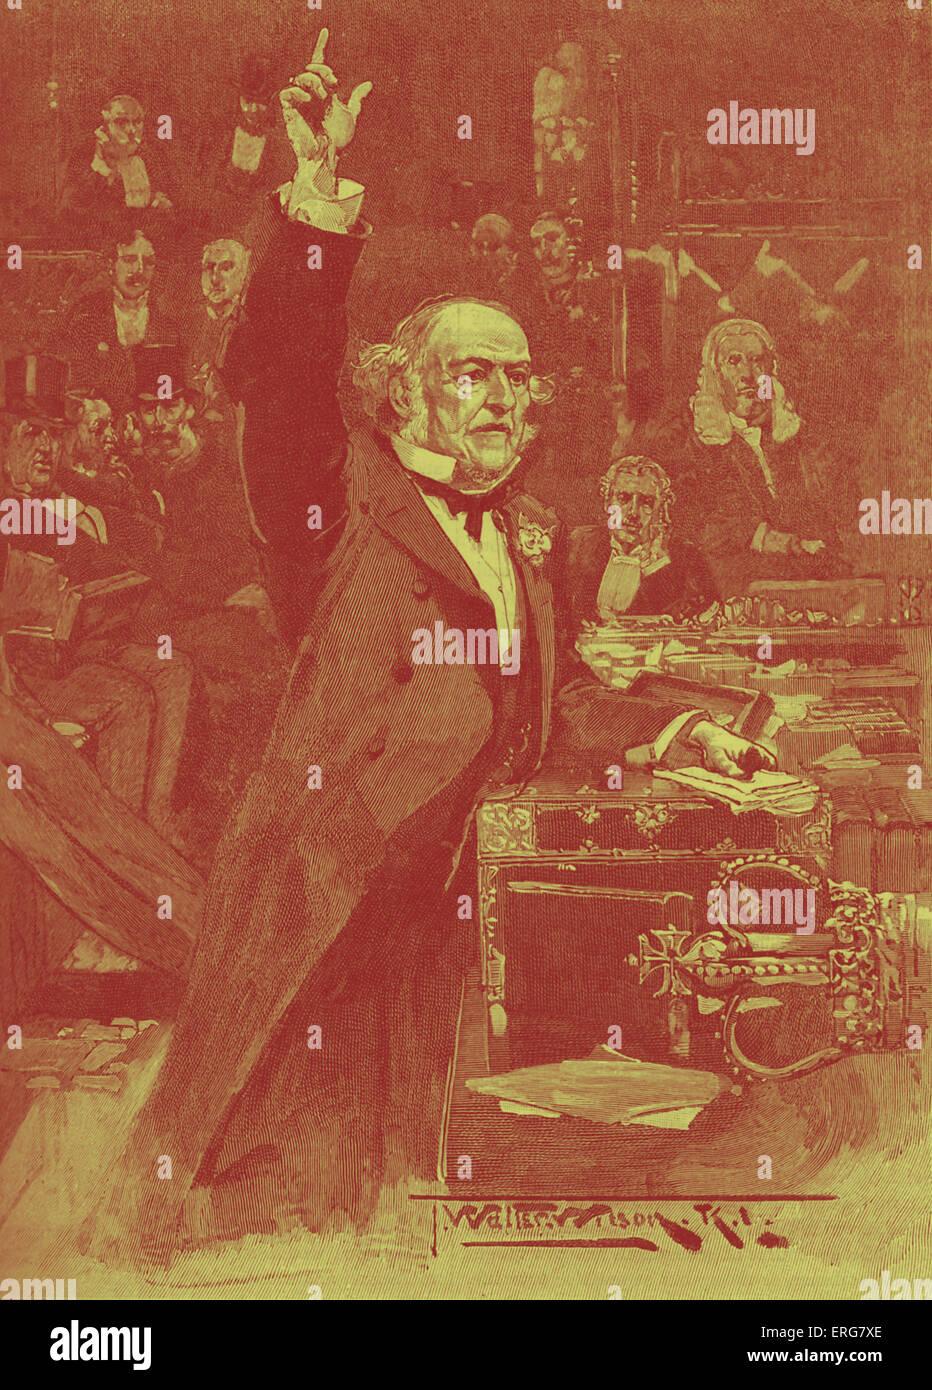 William Gladstone spricht für Selbstverwaltung-Rechnung, 1886. Liberale Premierminister führte erste Selbstverwaltung Stockbild